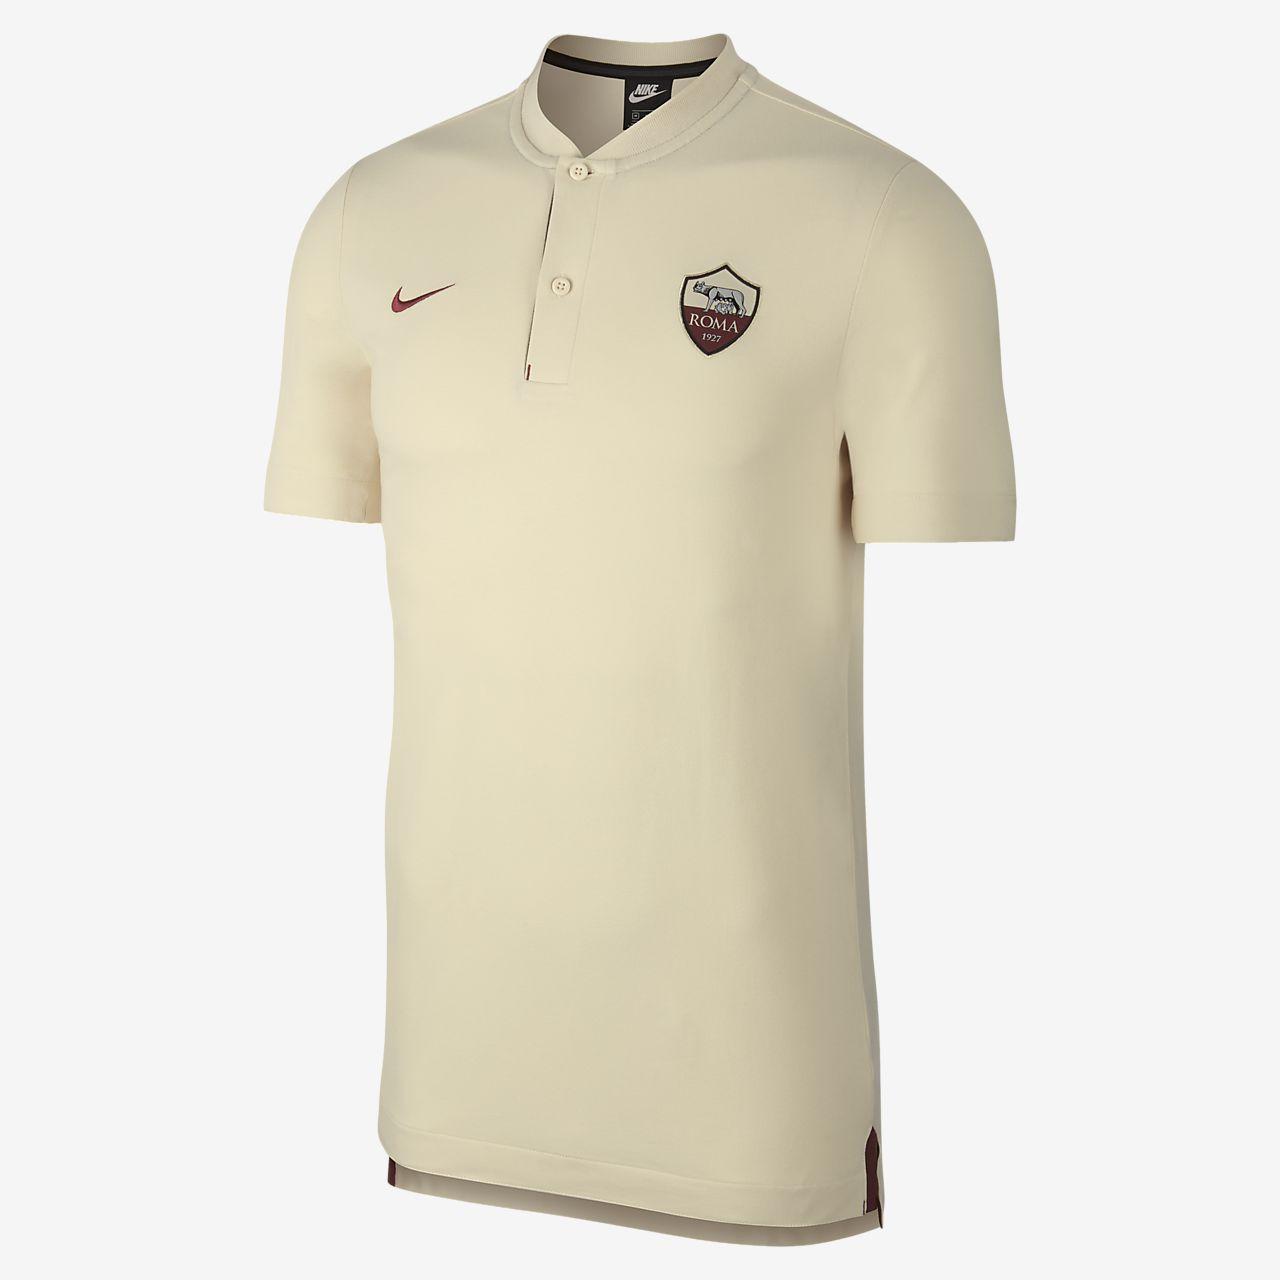 A.S. Roma Voetbalpolo voor heren